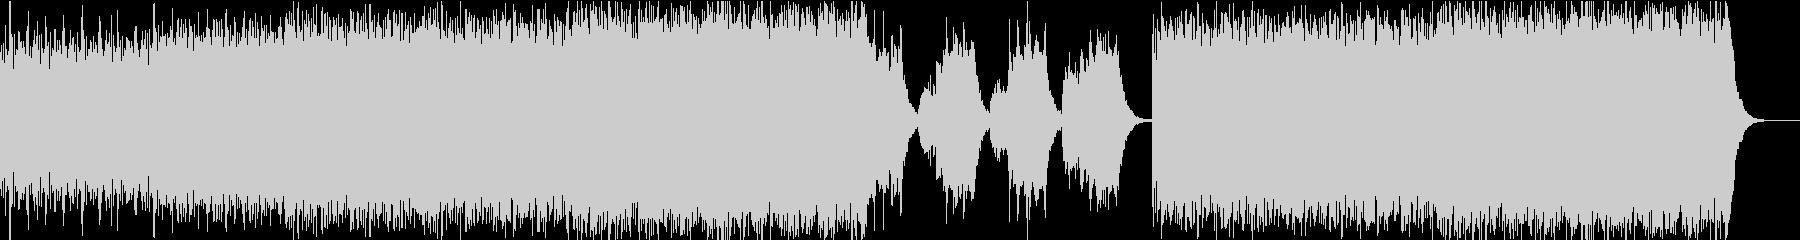 ストリングスの響が緊張感を演出の未再生の波形